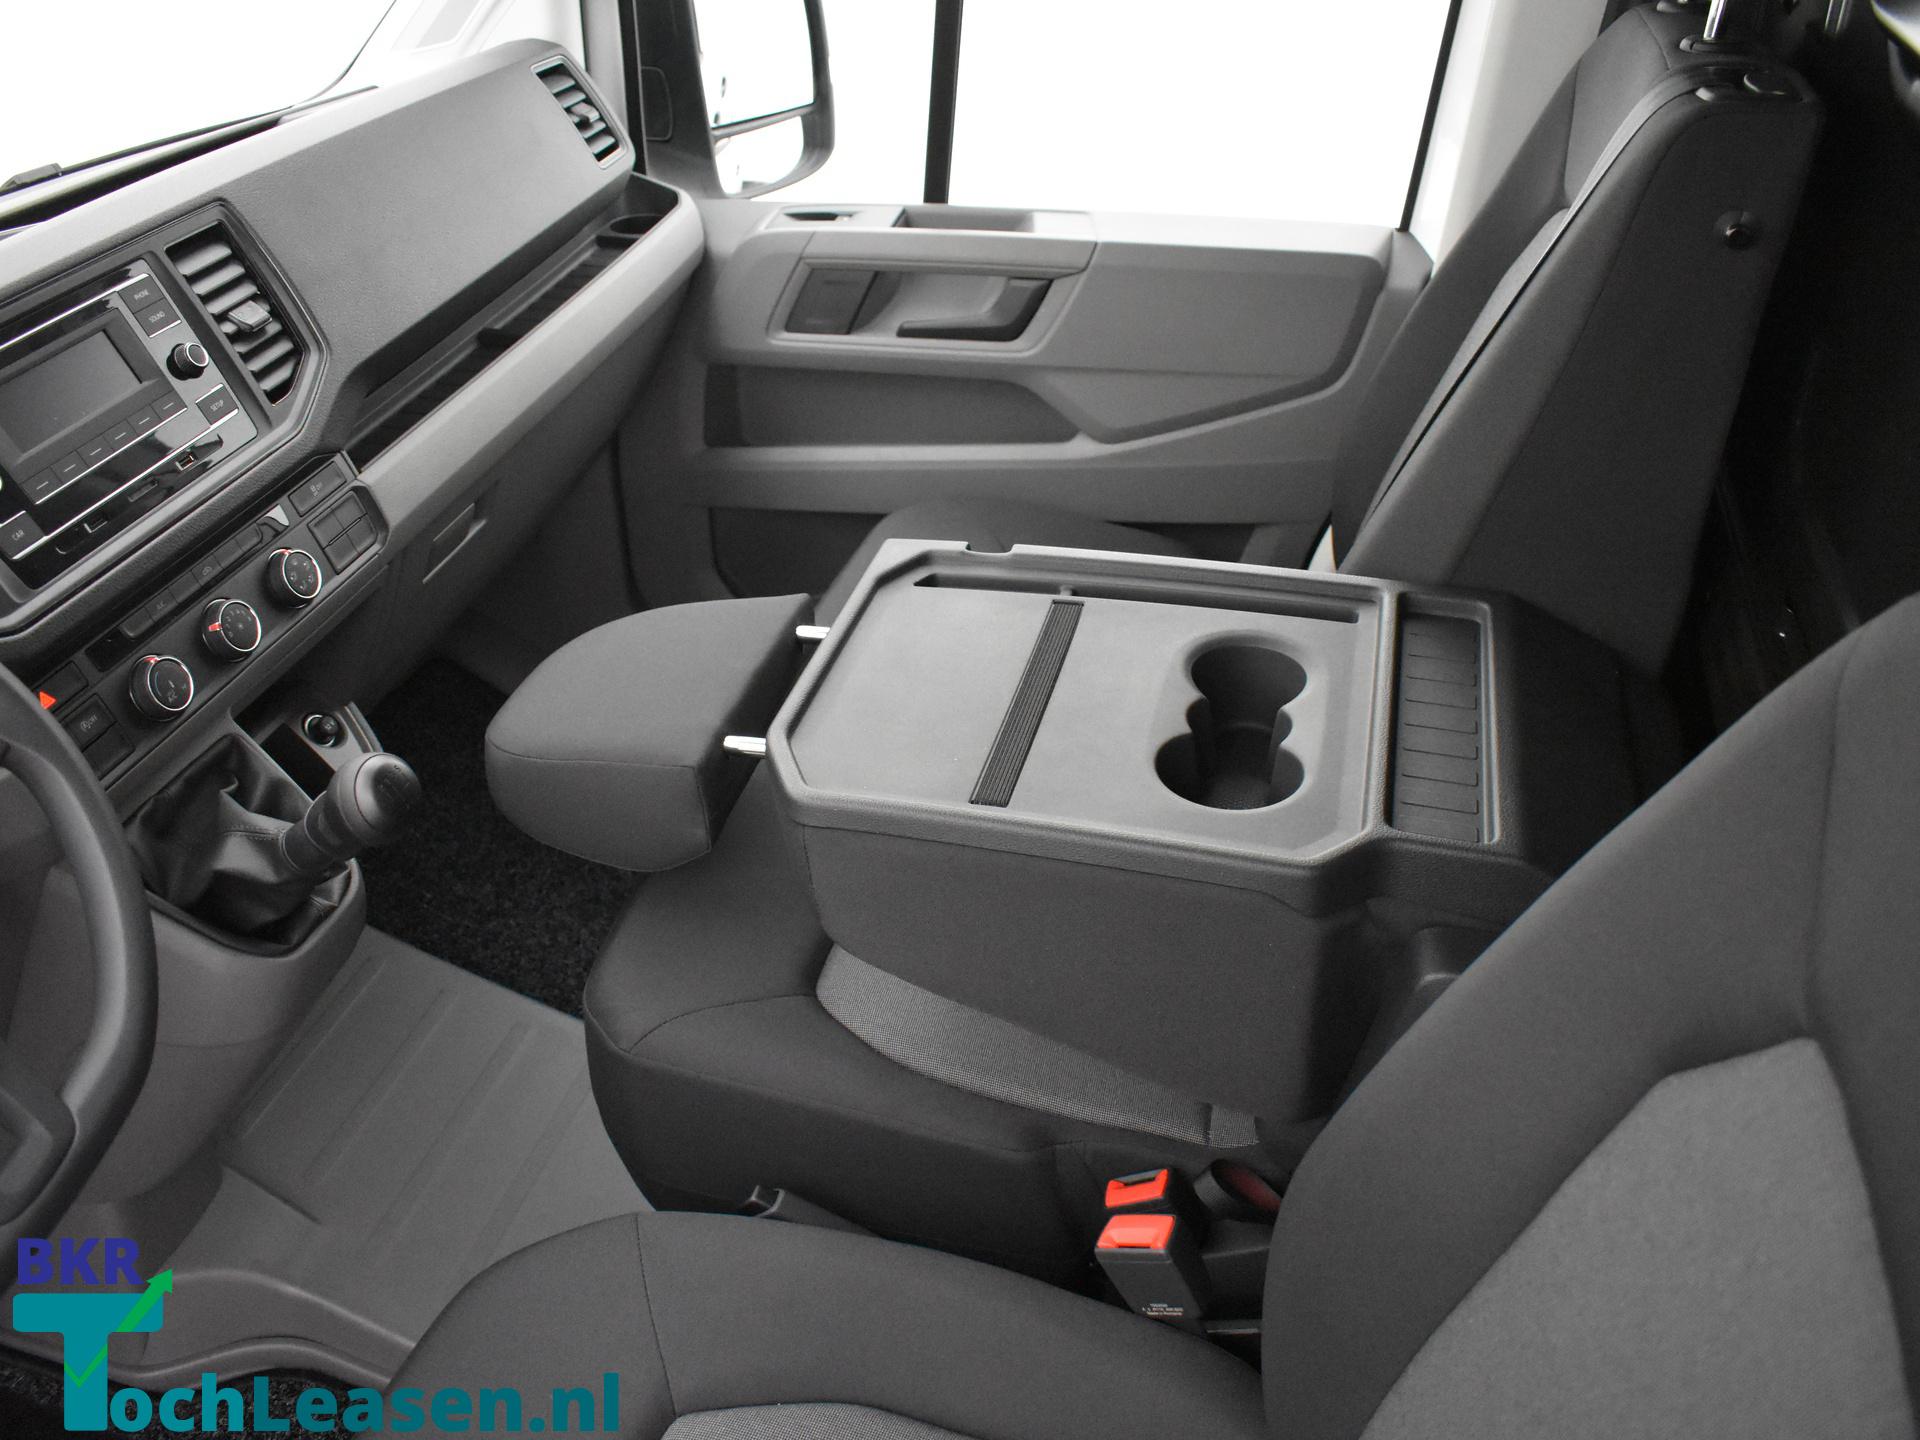 BkrTochLeasen.nl - Witte Volkswagen Crafter 19